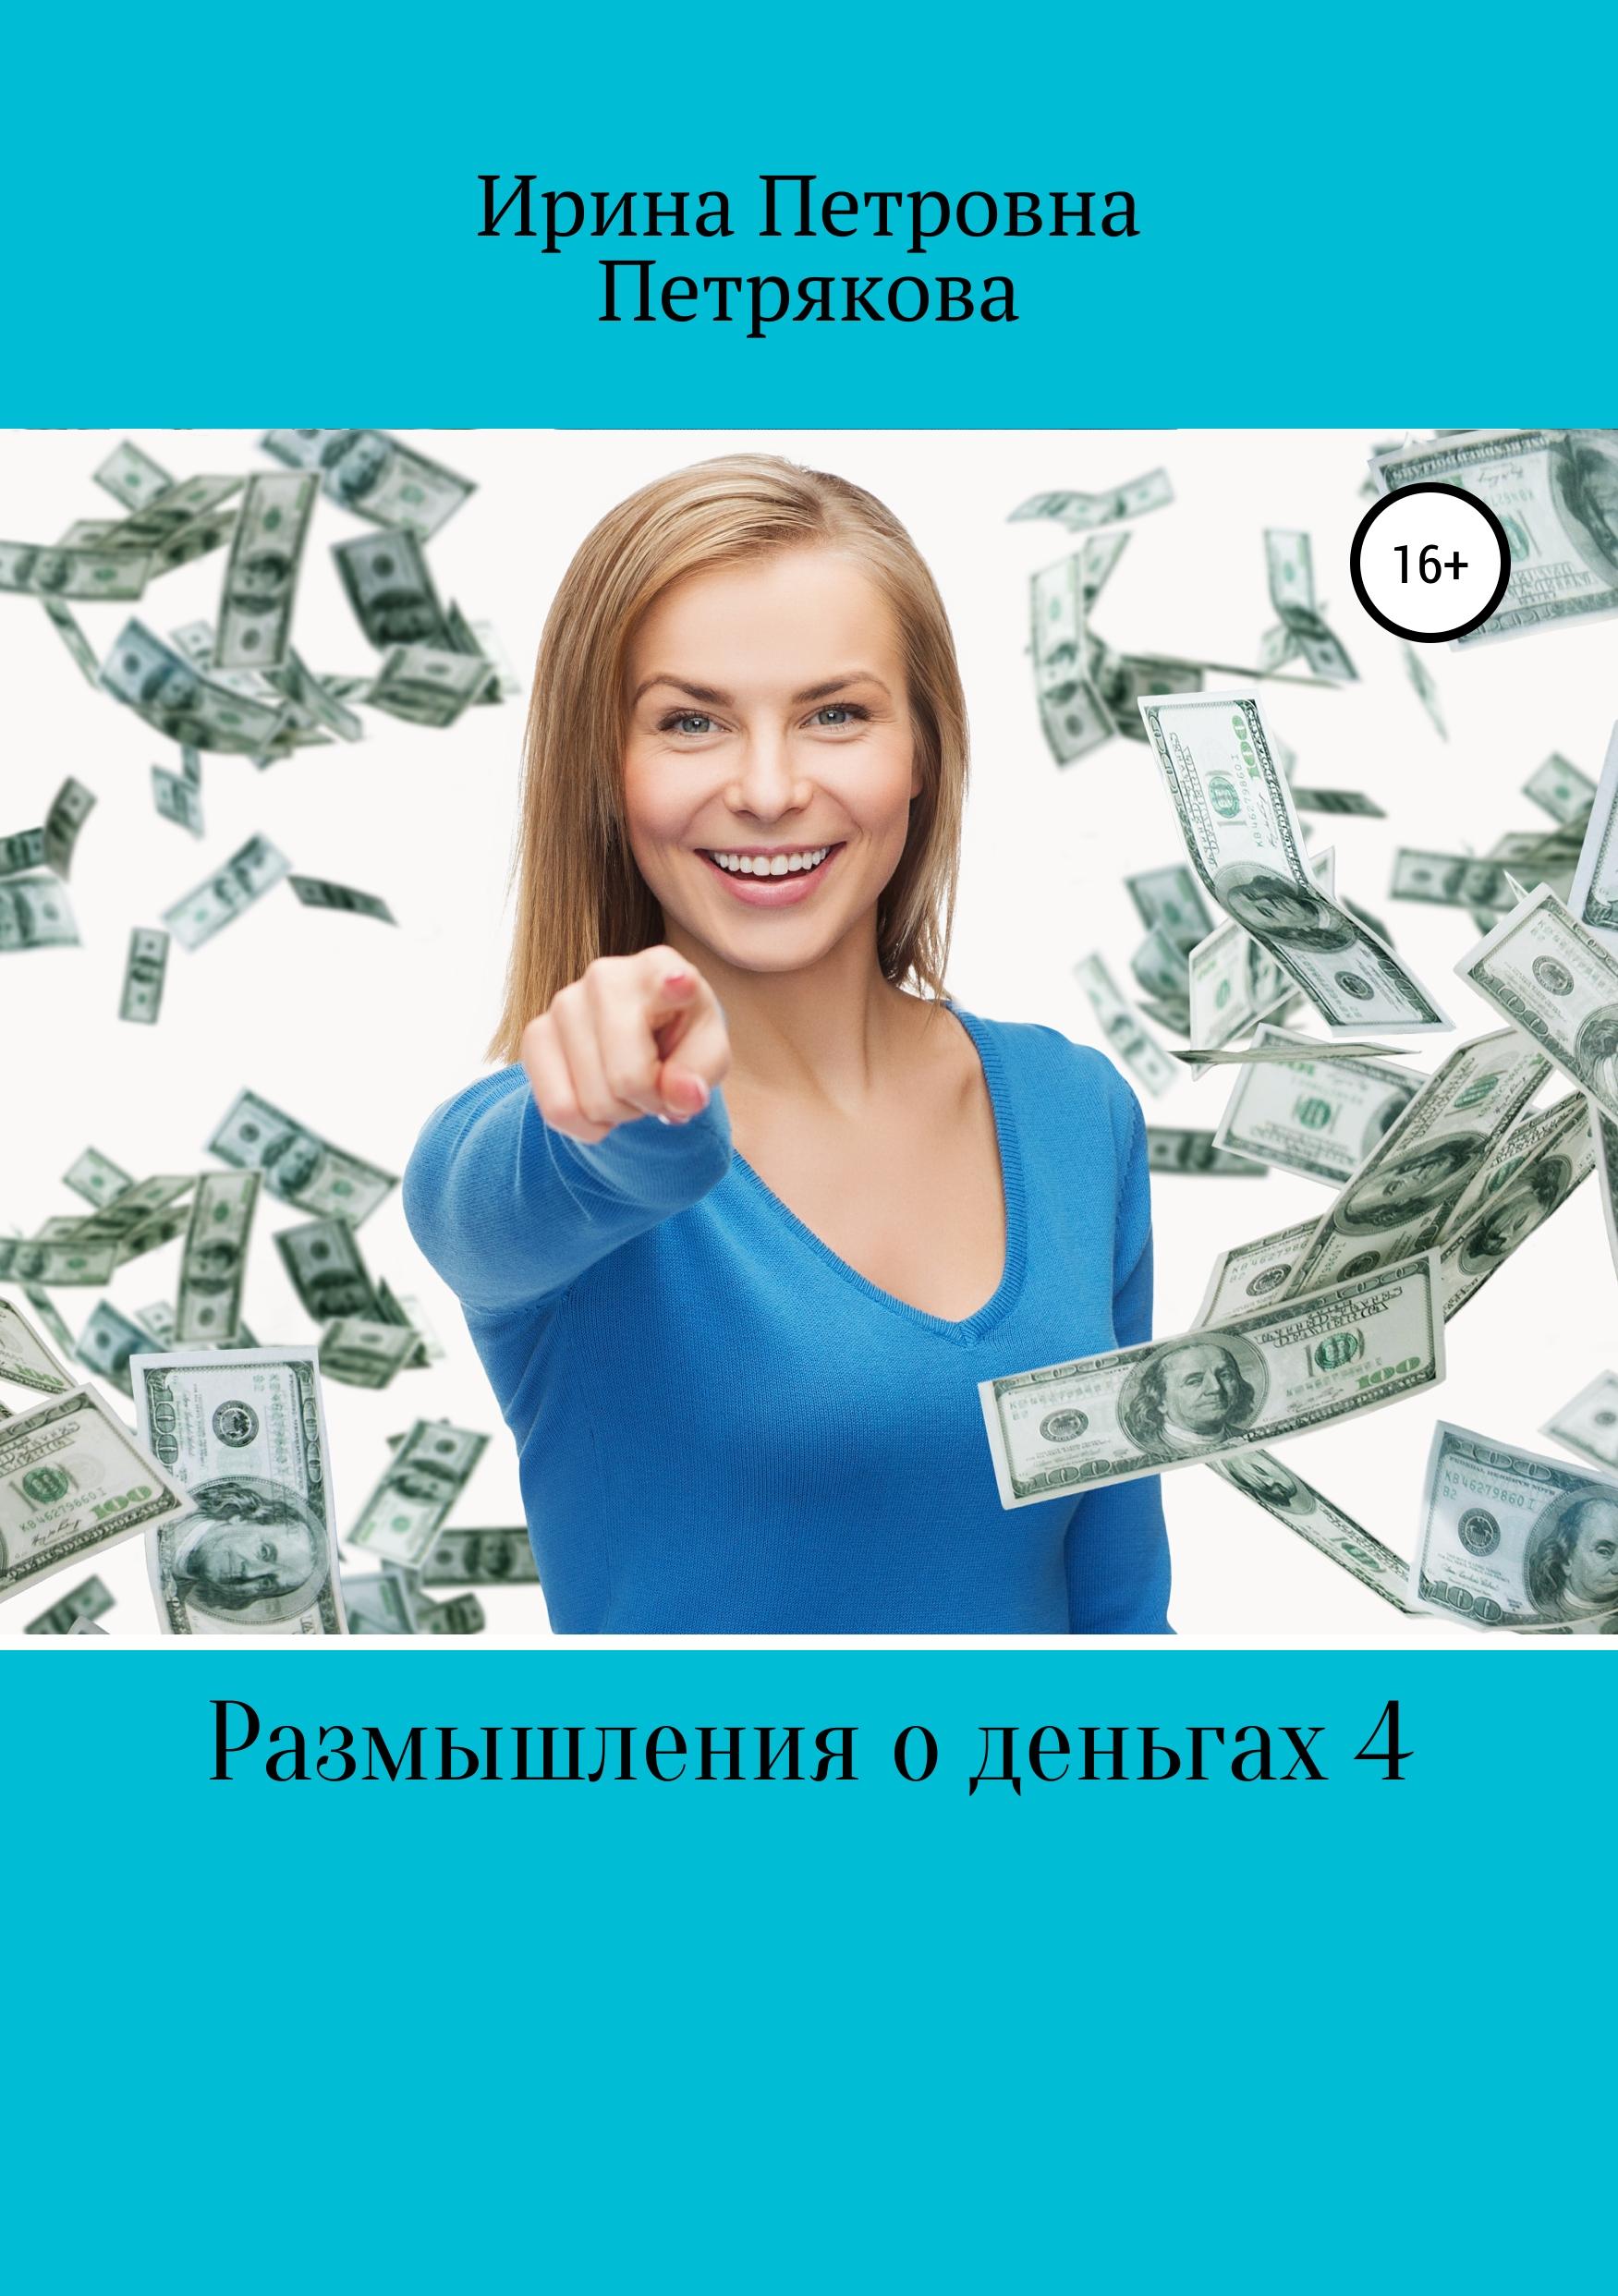 Размышления о деньгах 4